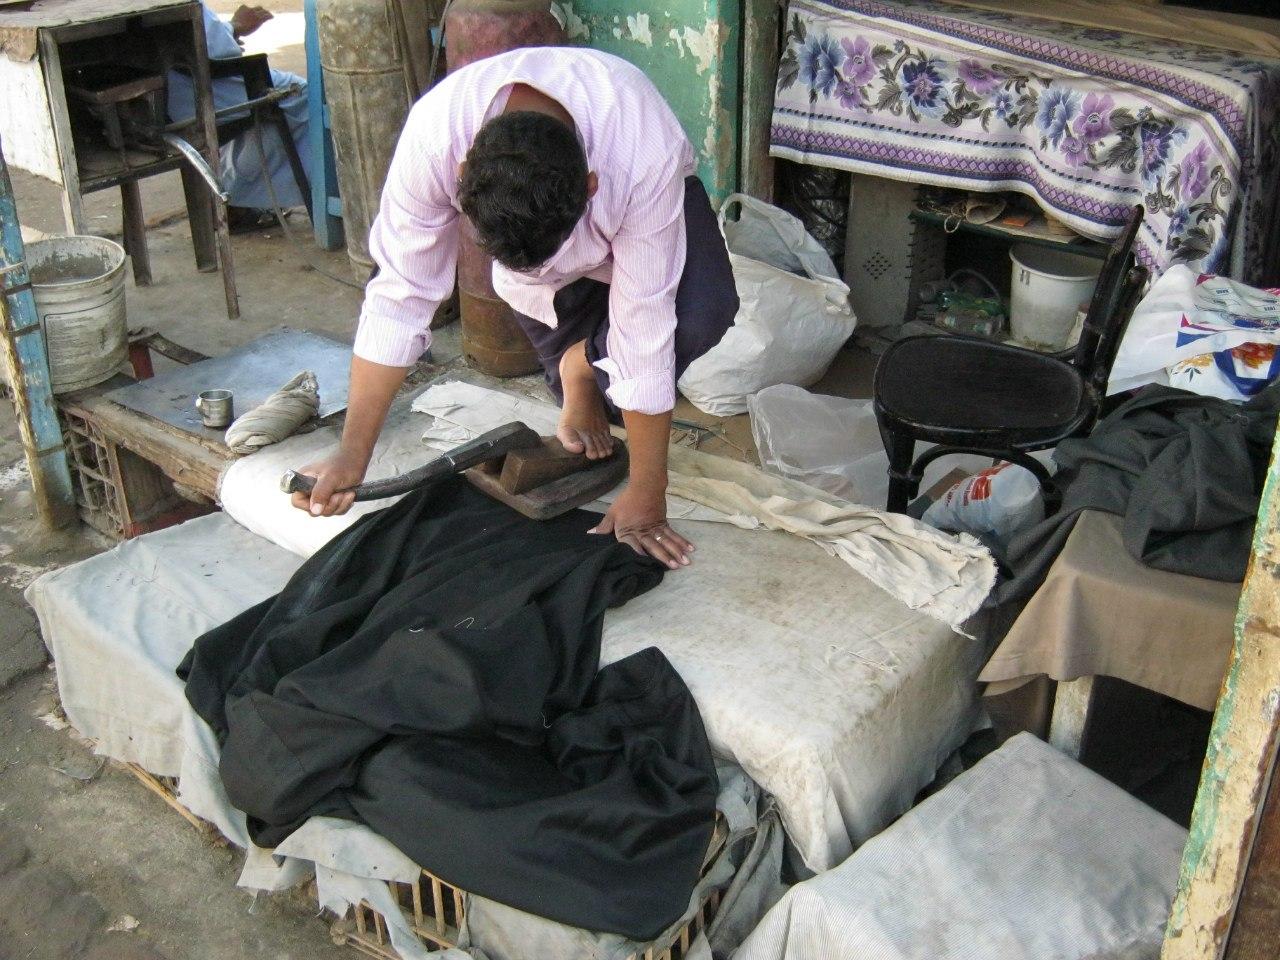 традиционный горячий утюг гладит одежду (на базаре в Асуане)